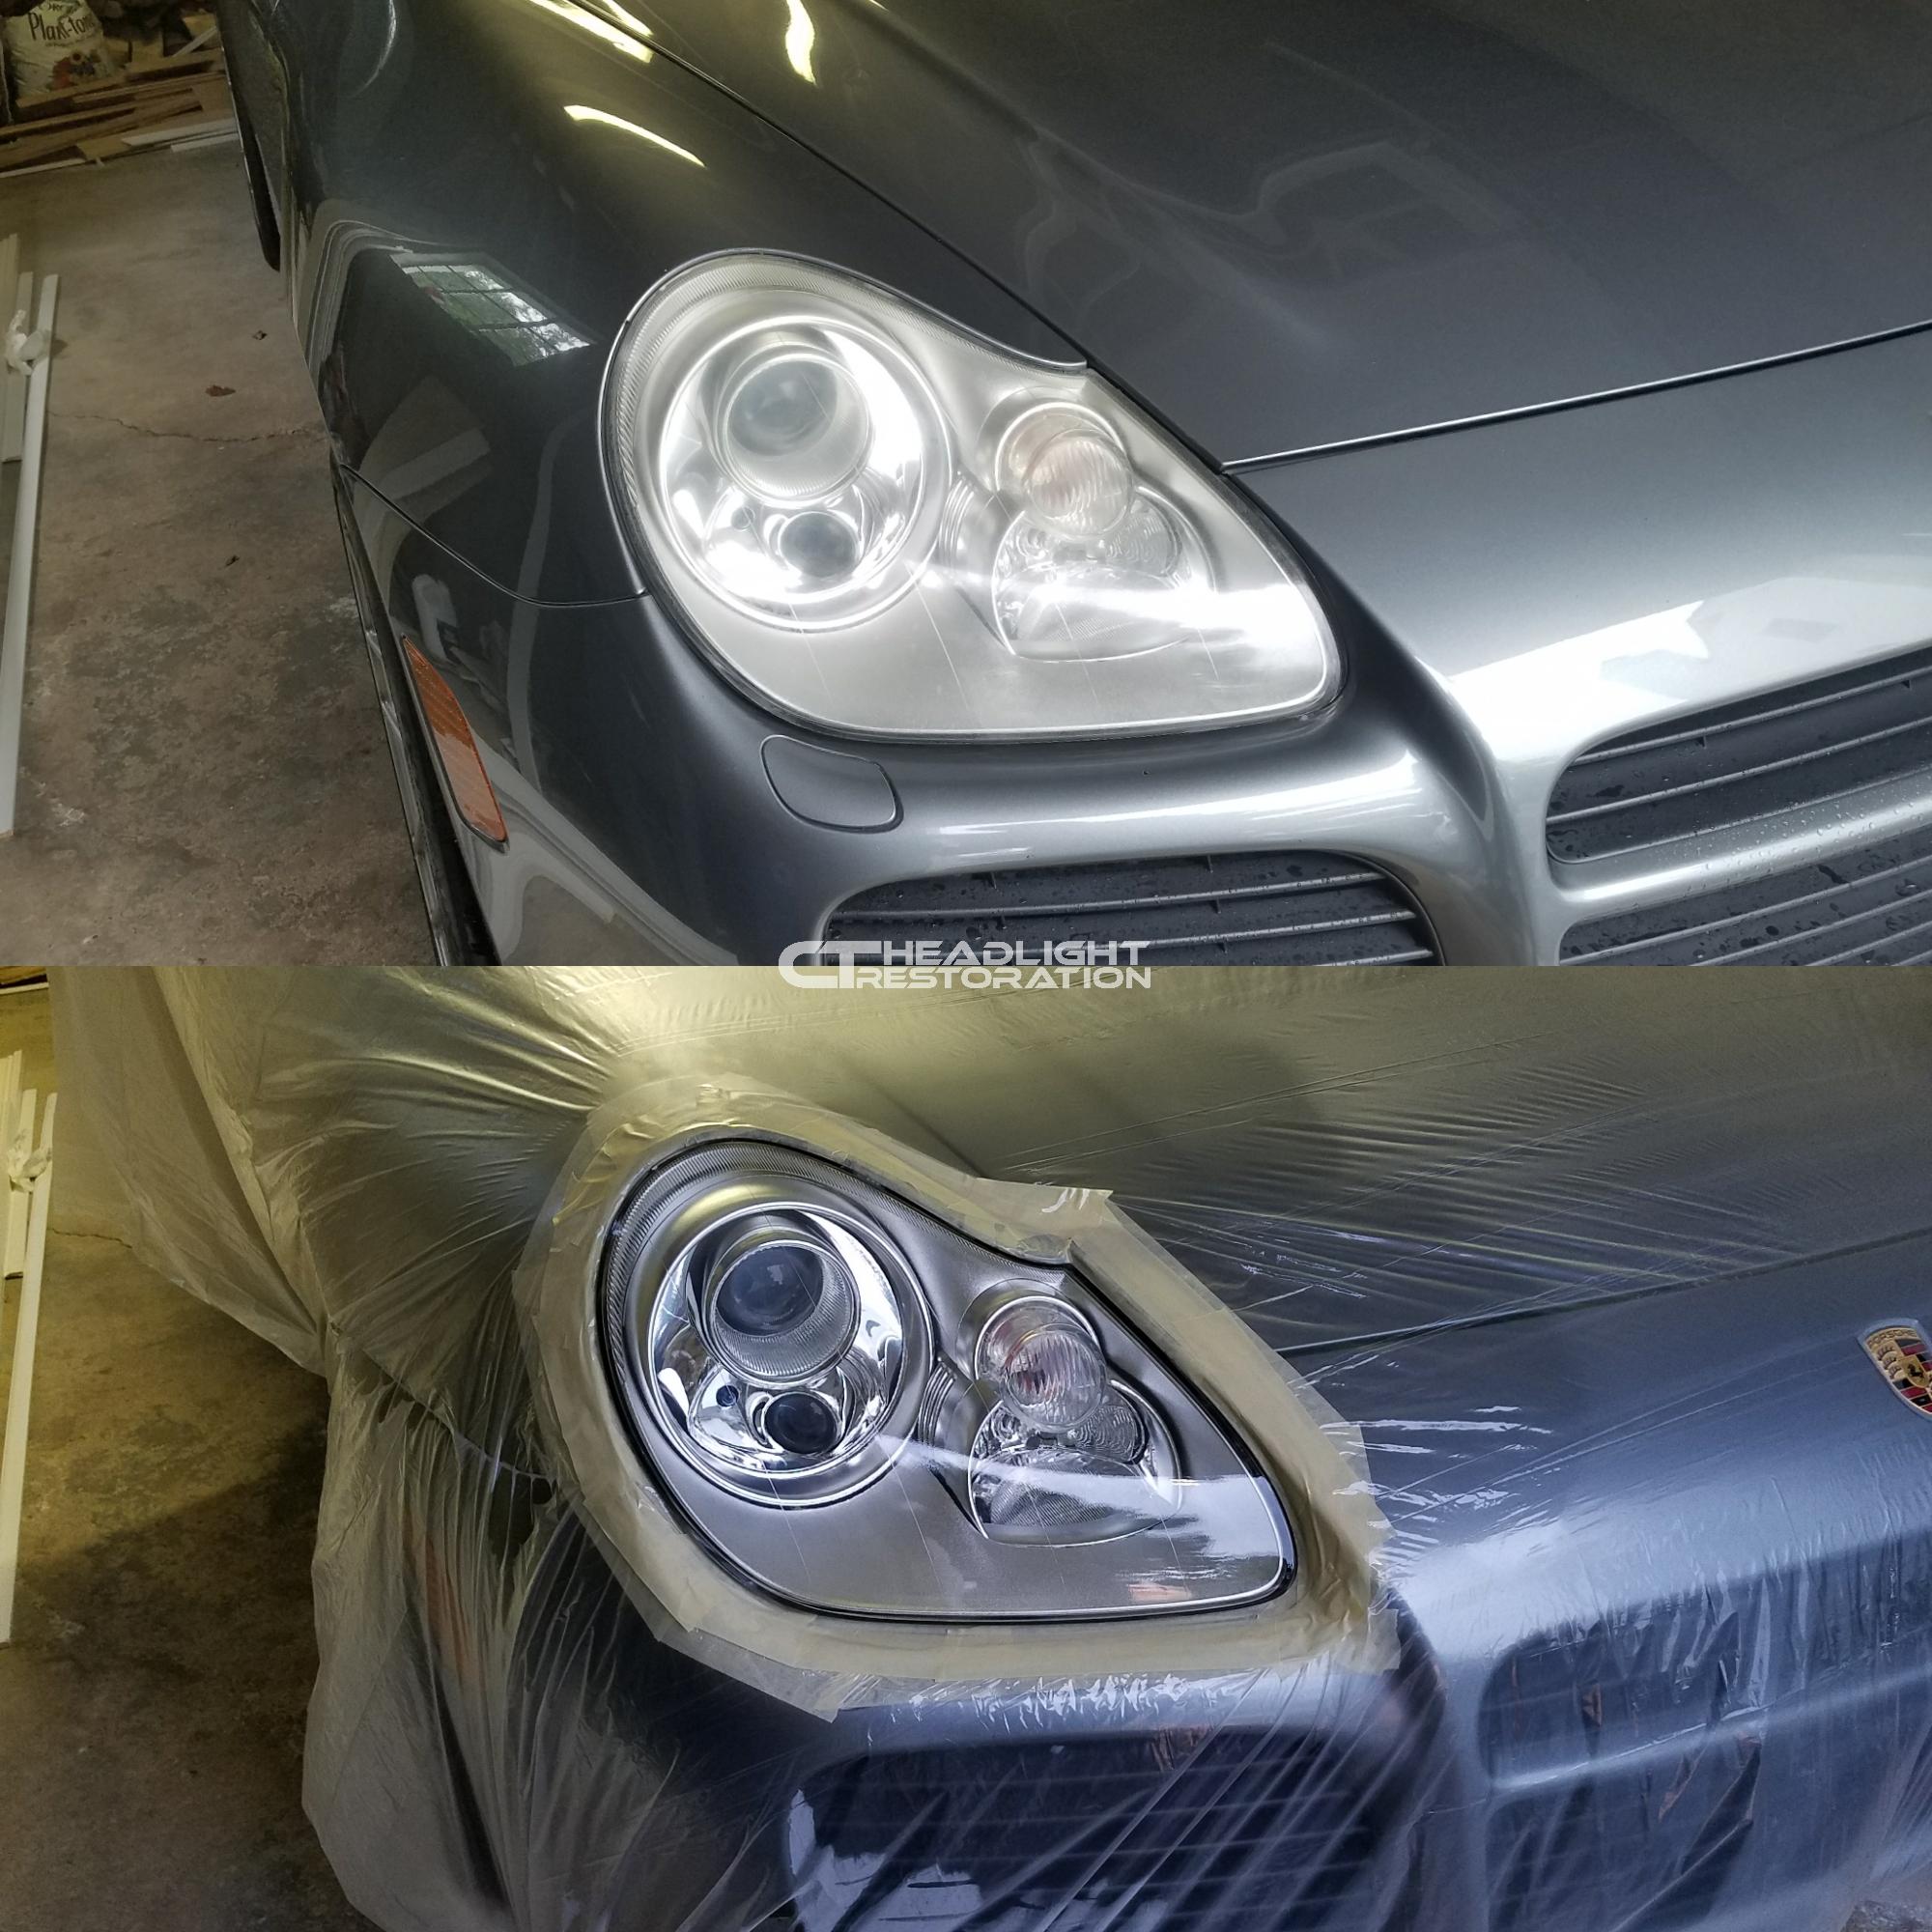 Porsche Cayenne Headlights Restoration.png